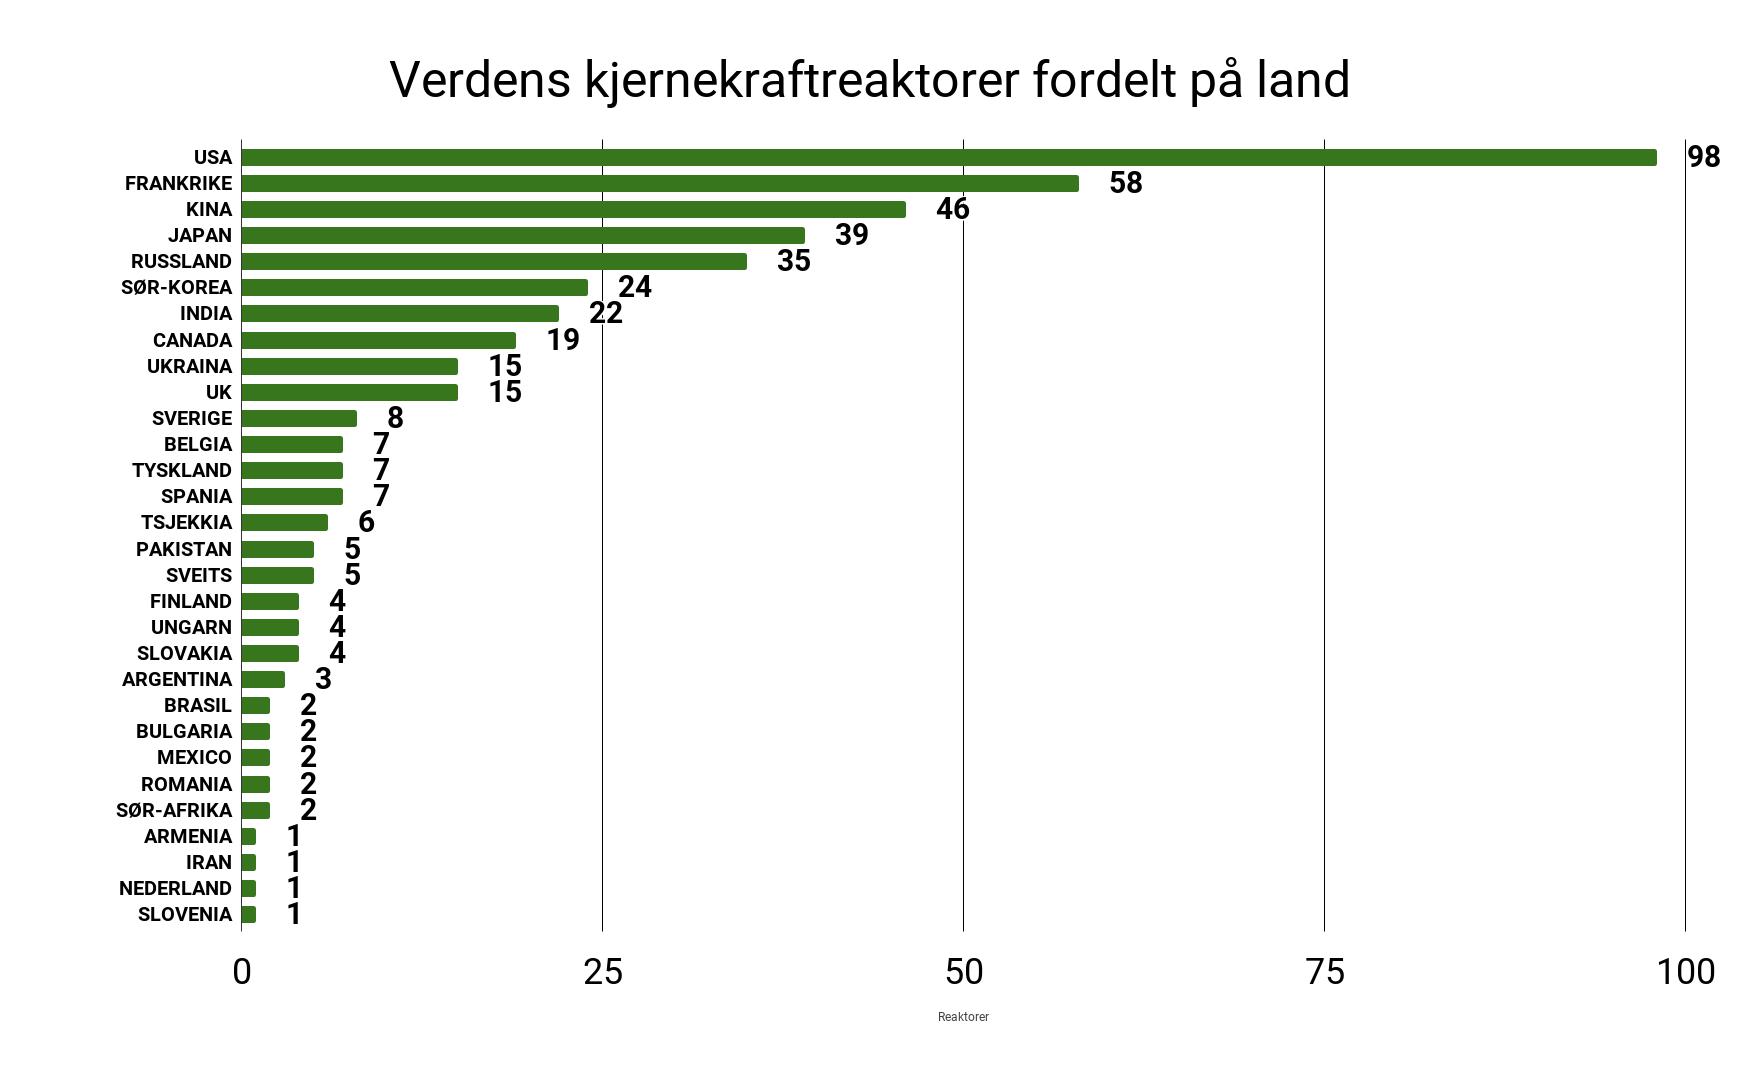 Graf over antall kjernekraftreaktorer i verden fordelt på antall land. USA har klart flest med 98 reaktorer. Sverige er på 11 plass med 8 reaktorer